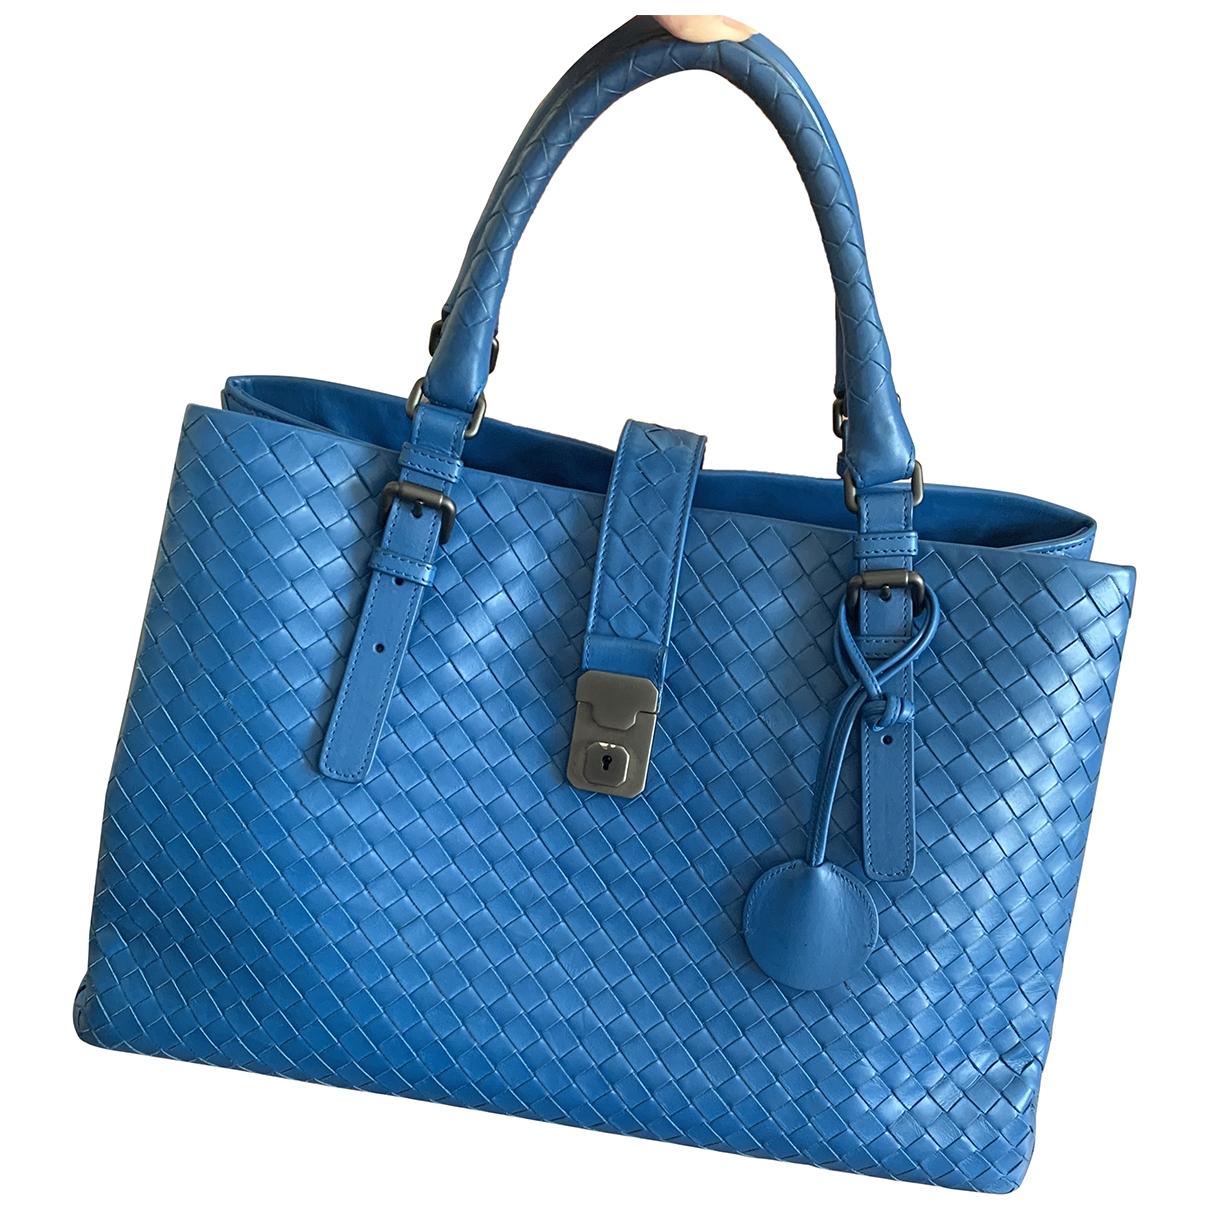 Bottega Veneta - Sac a main Roma pour femme en cuir - bleu